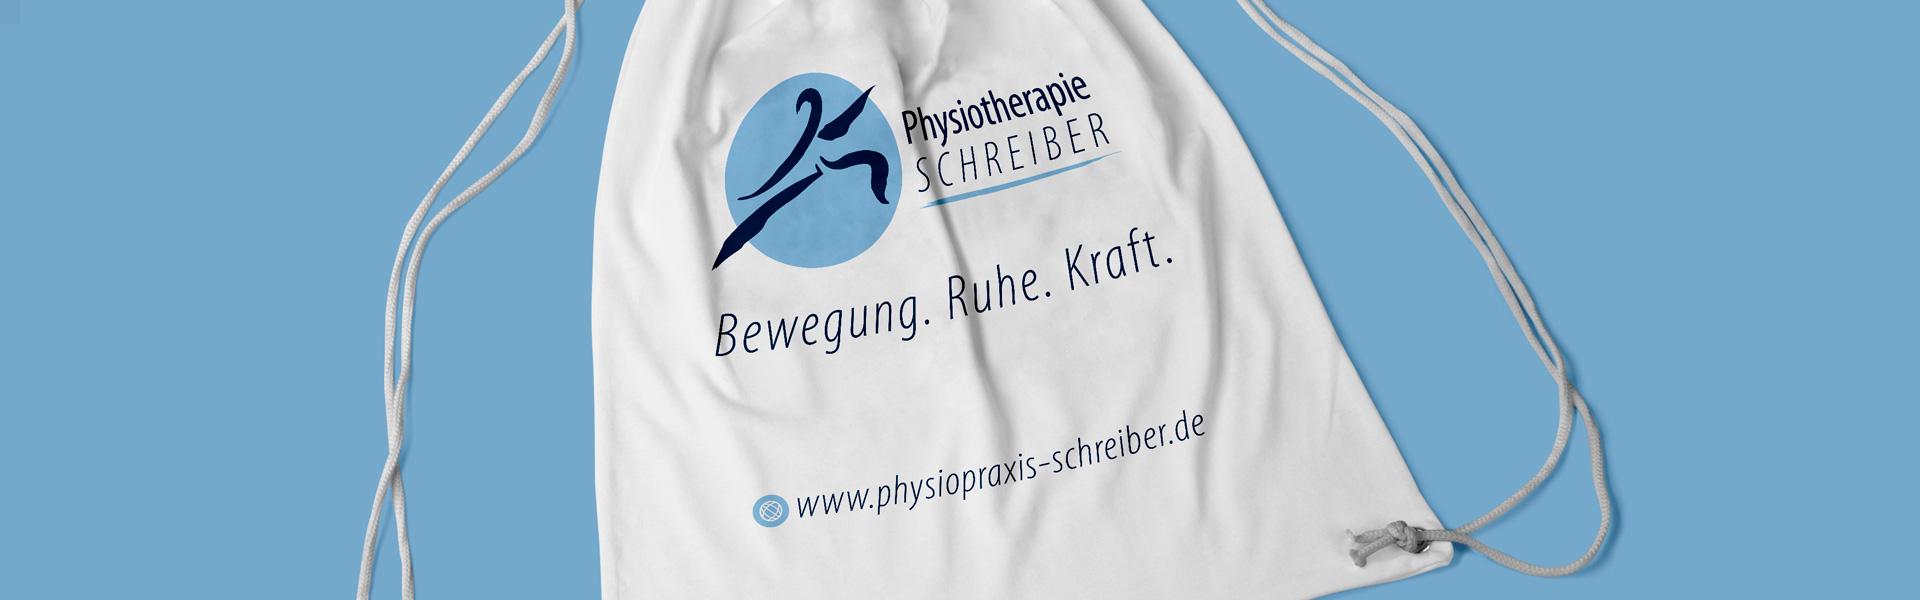 Physiotherapie Schreiber Aktion